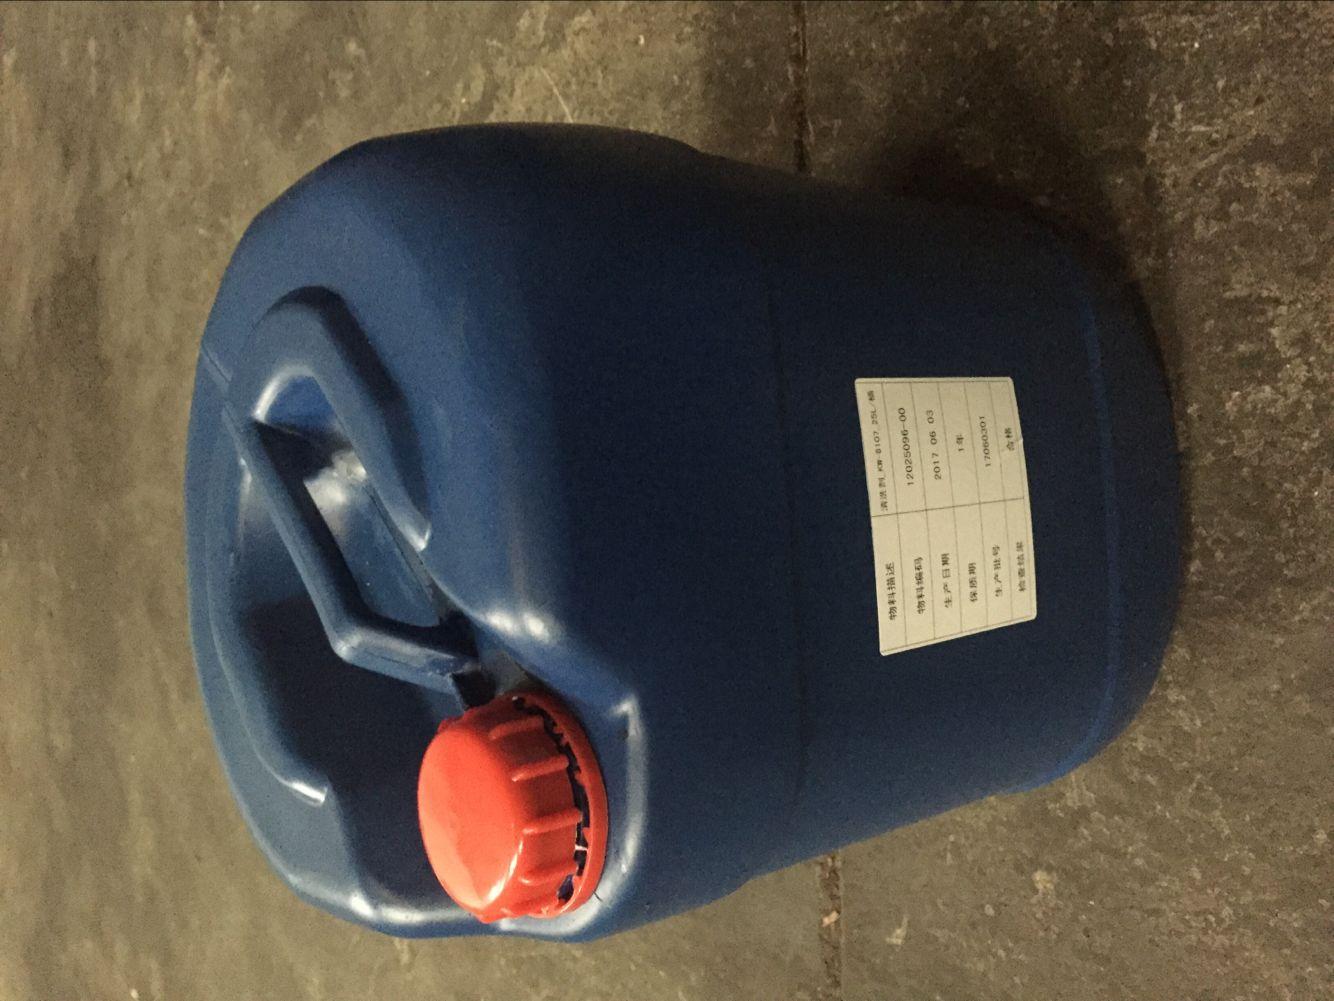 想买知名的工业清洗剂,就来888sk集团登录网址 工业清洗剂技术